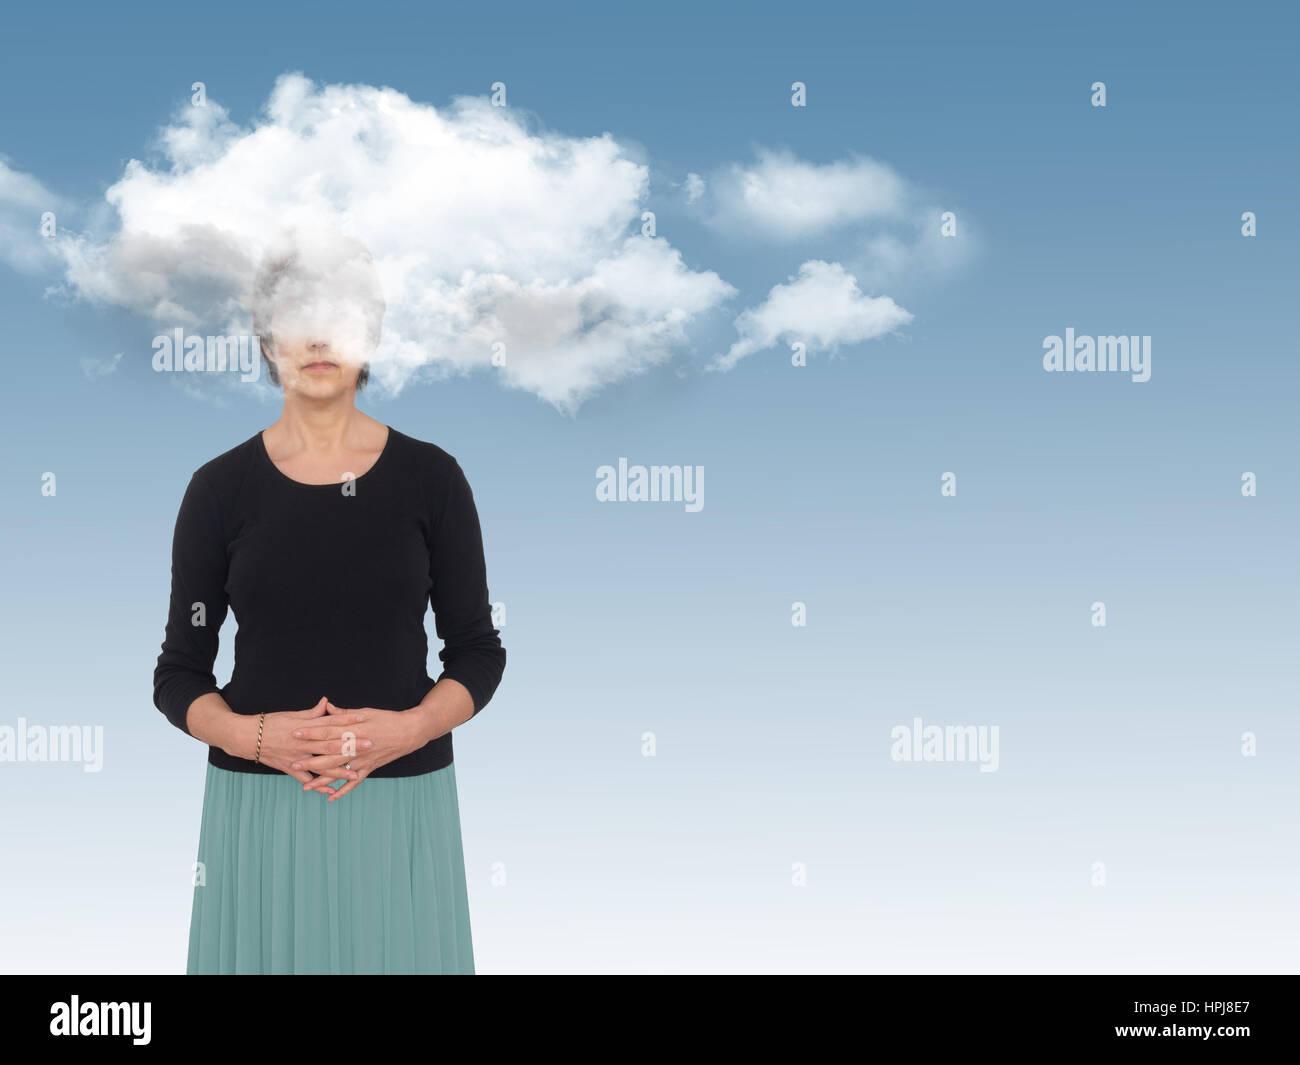 Frau mit Kopf in den Wolken auf blau. Tag Träume Konzept, Metapher. Stockbild